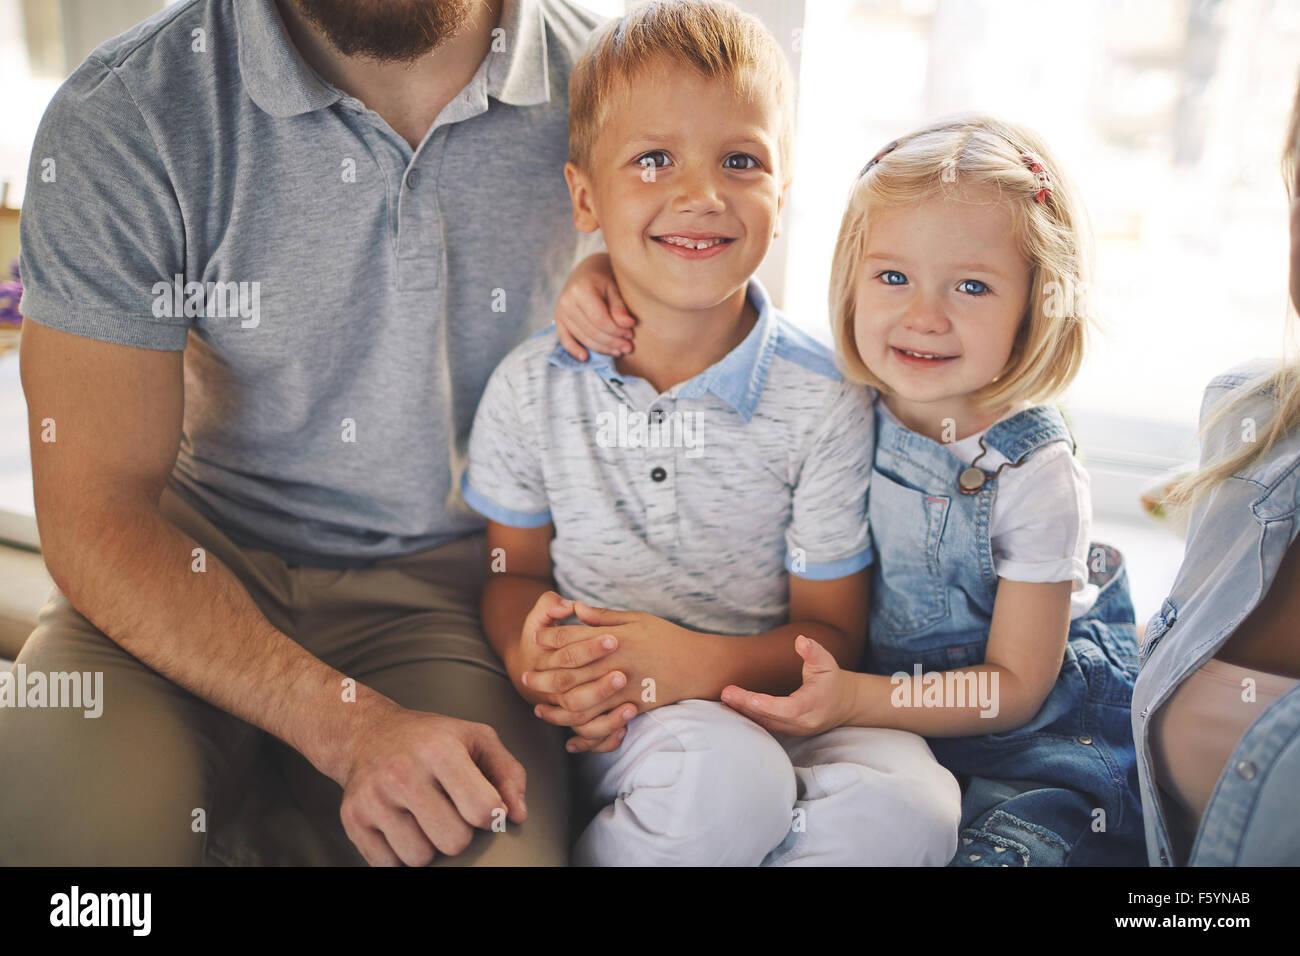 Adorabili fratelli guardando la telecamera con un sorriso Immagini Stock